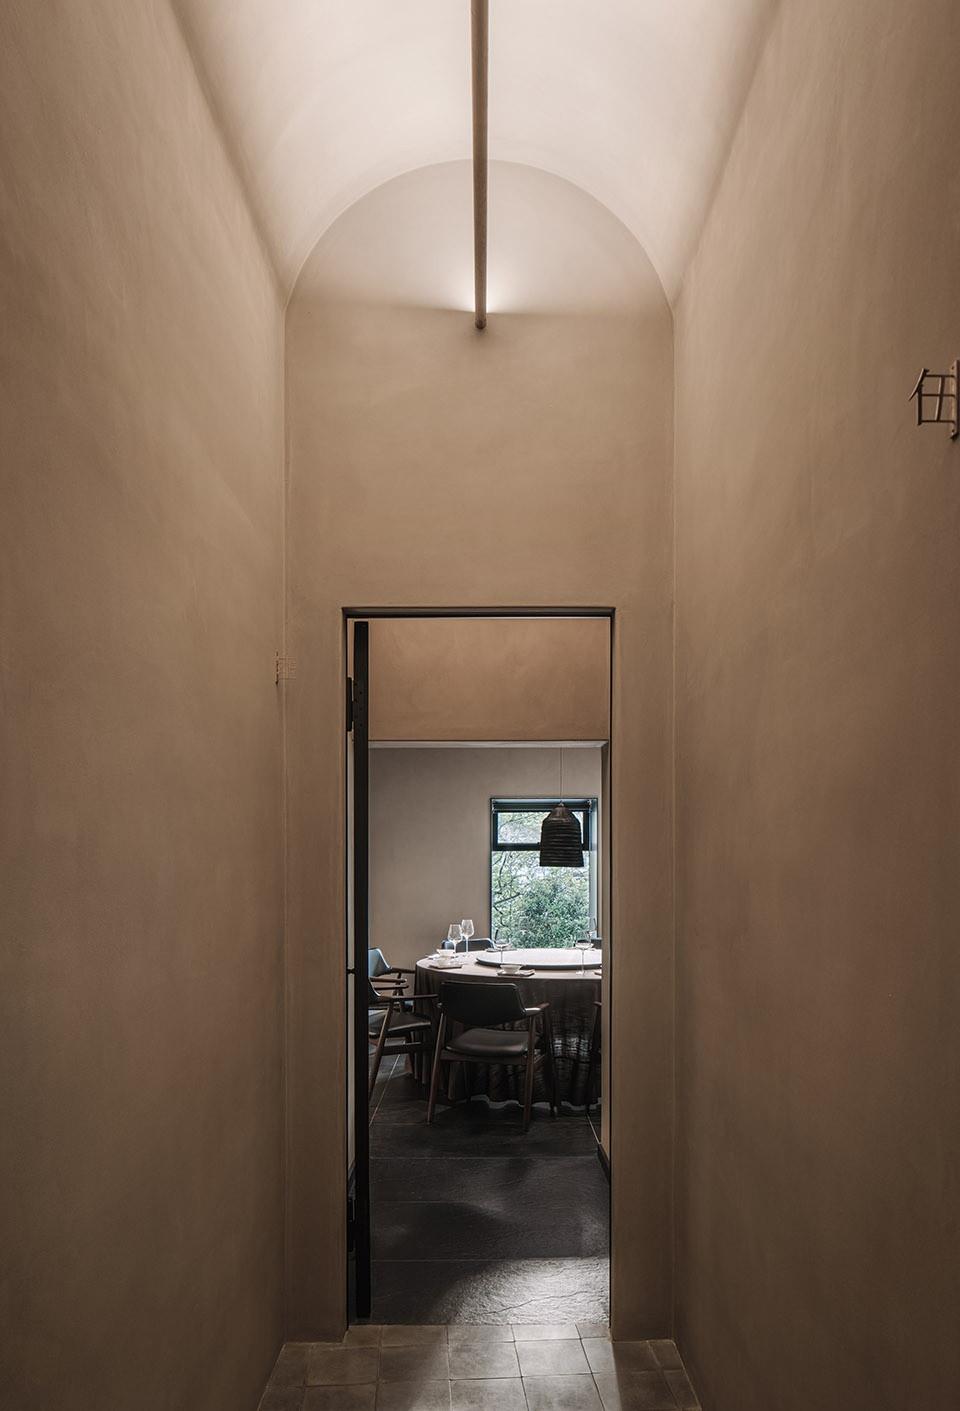 青桃餐厅·四眼井店,杭州@杭州观堂设计4.jpg